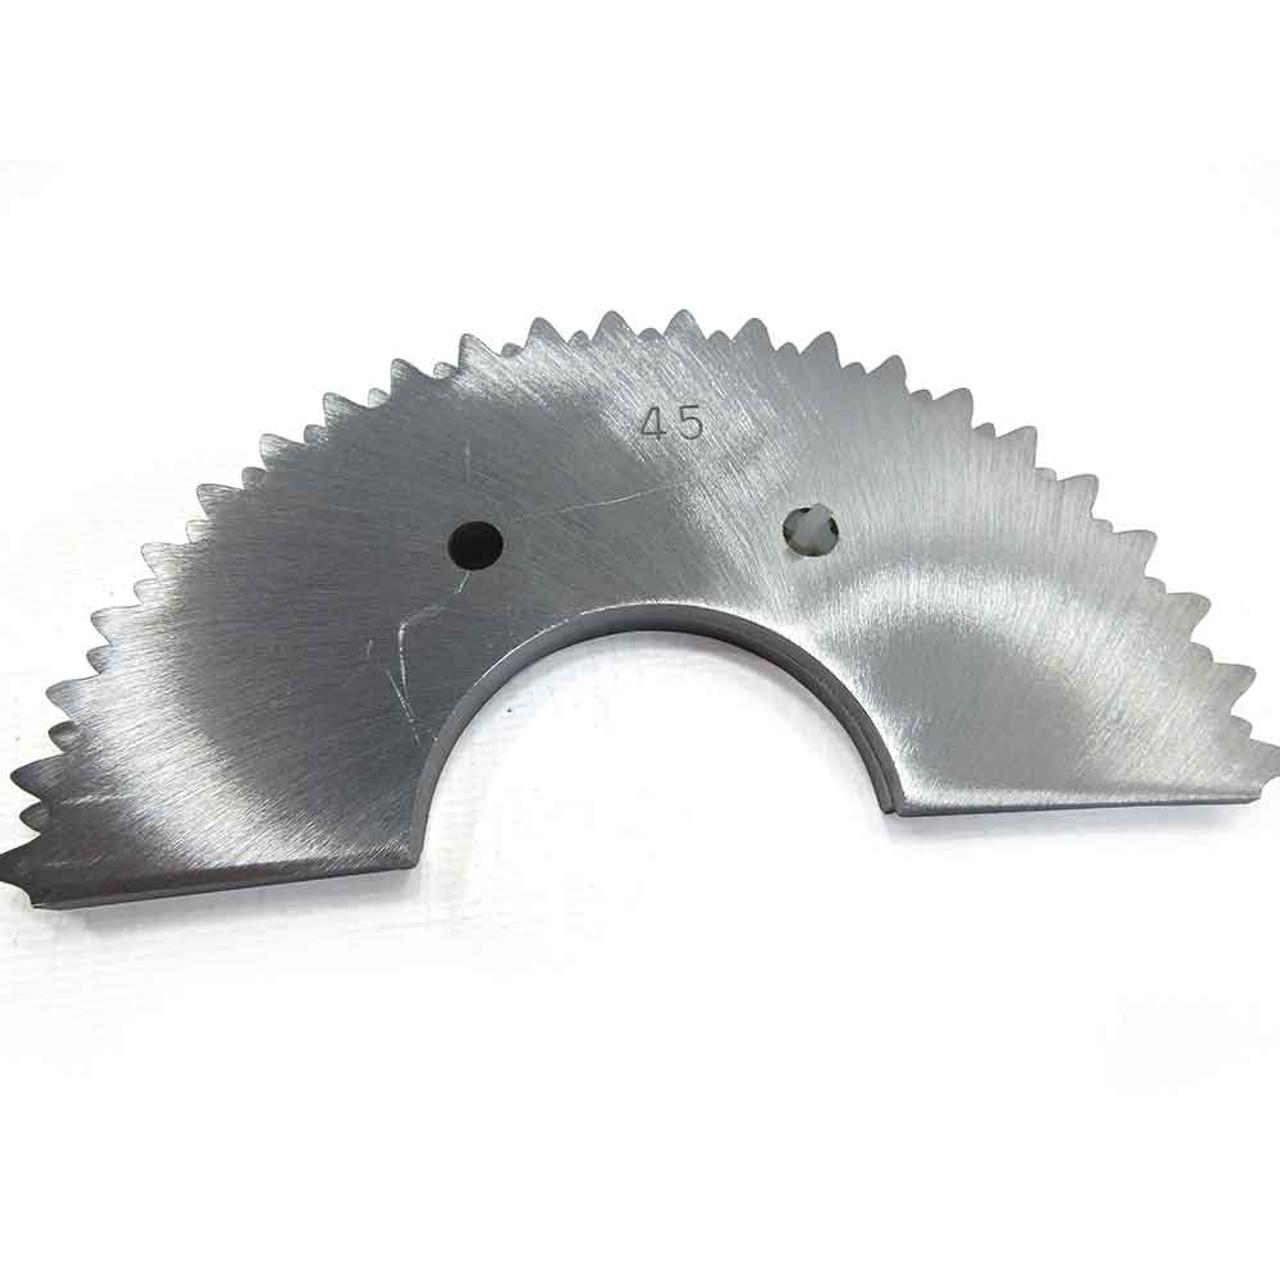 45 Tooth Mini-Sprocket, TNT (Tuf-N-Tru), .160 Aluminum, 35 Chain